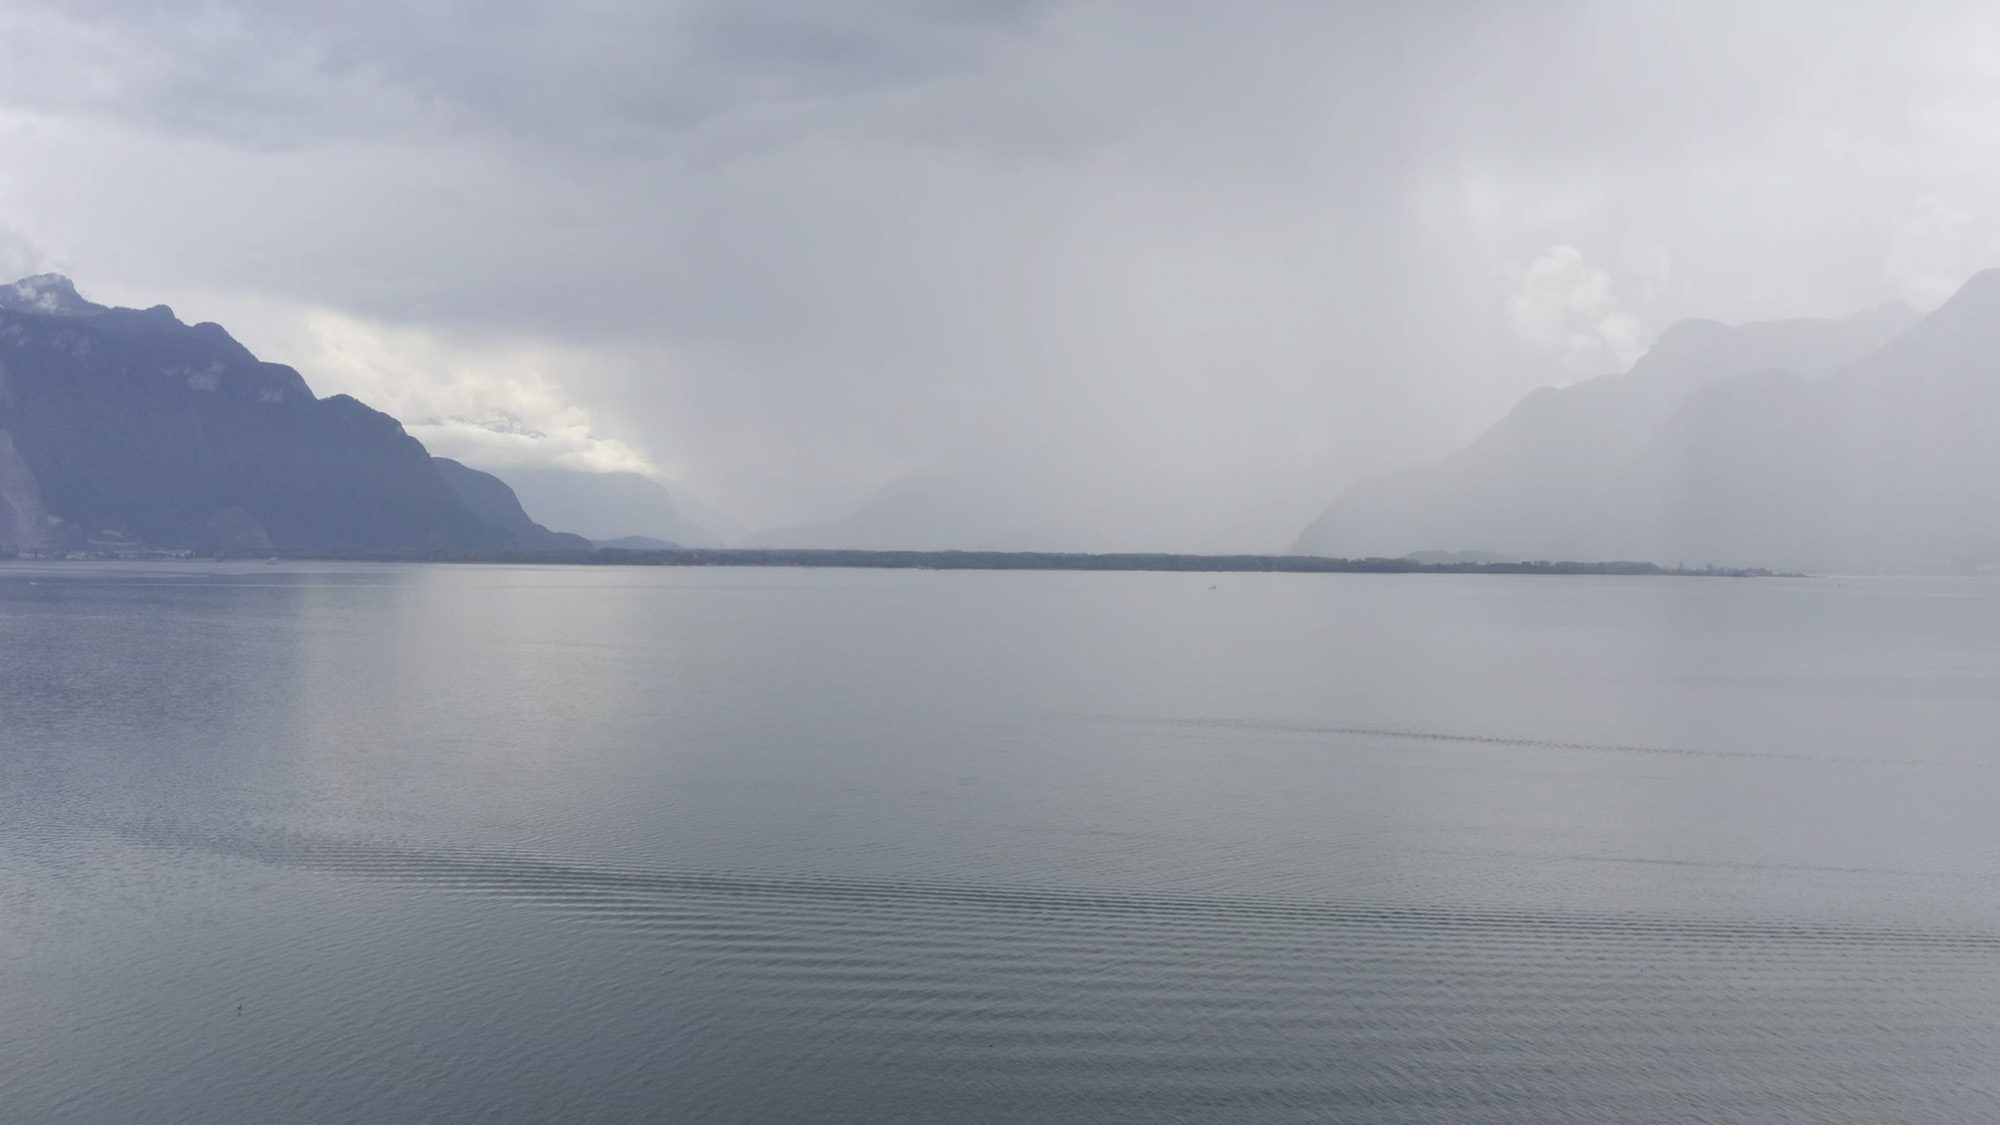 View of the Lac Léman, La Becque Résidence d'artistes, Canton of Vaud, Switzerland, 2020